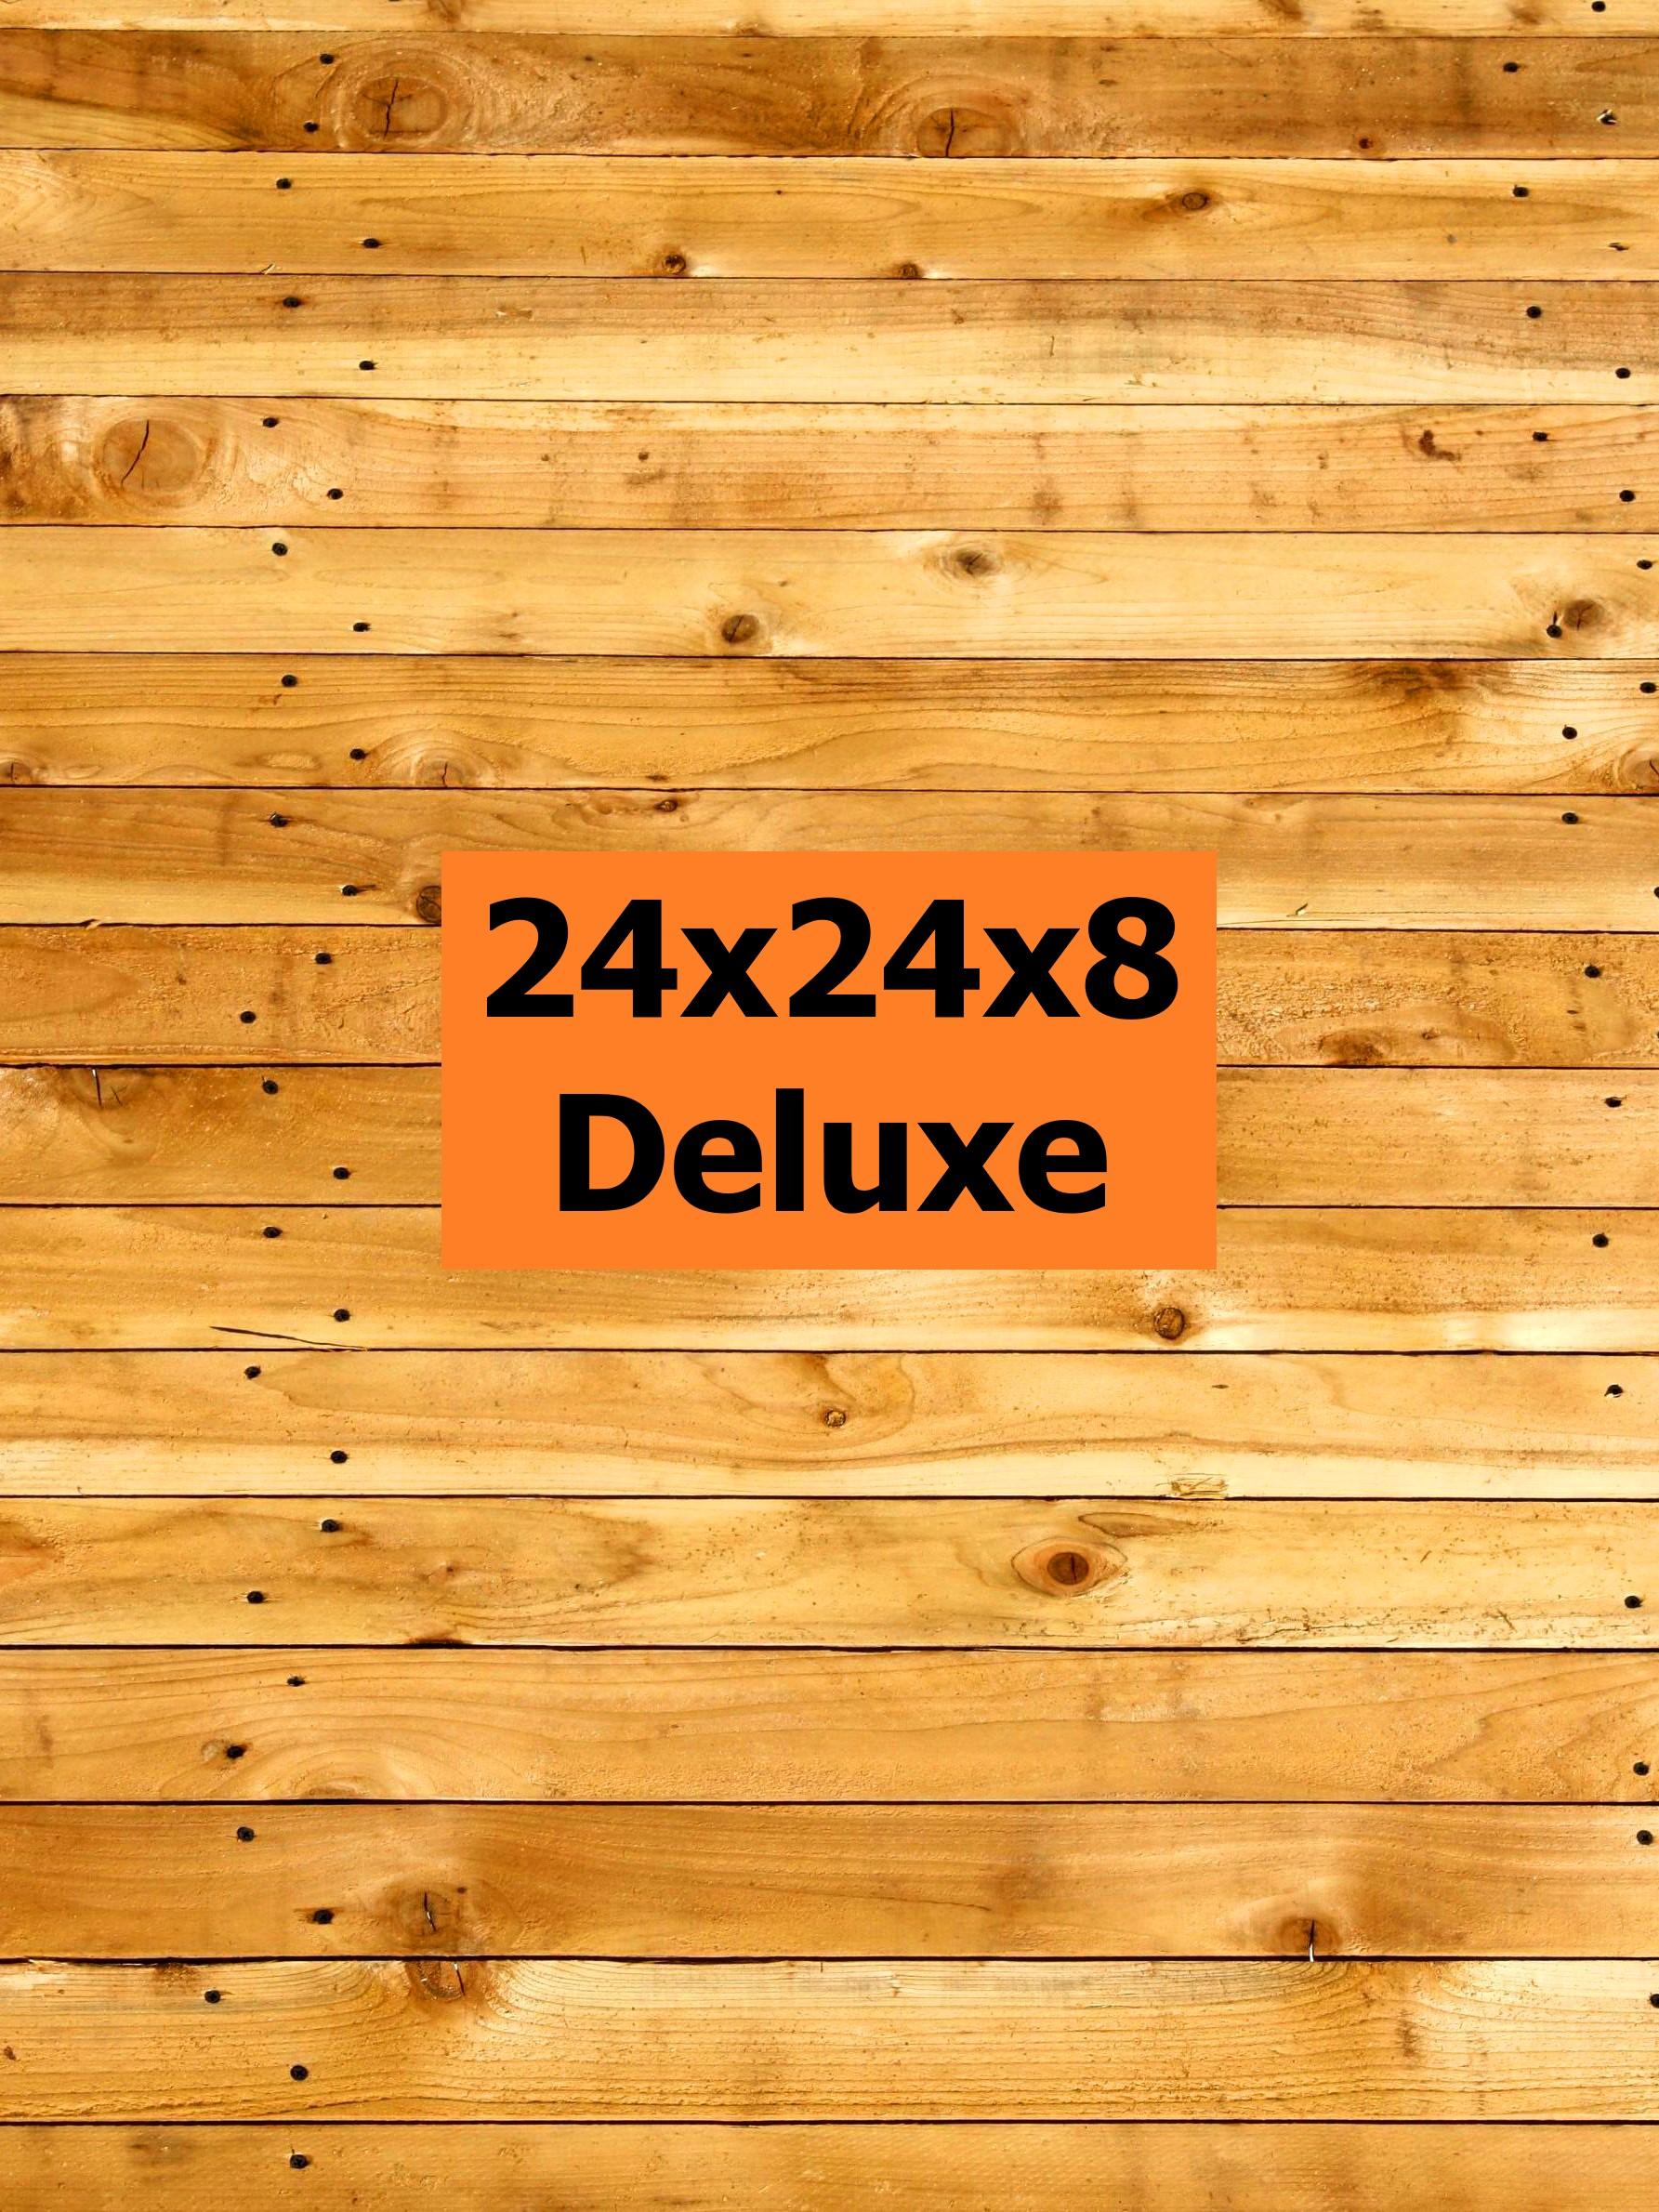 24x24x8Deluxe